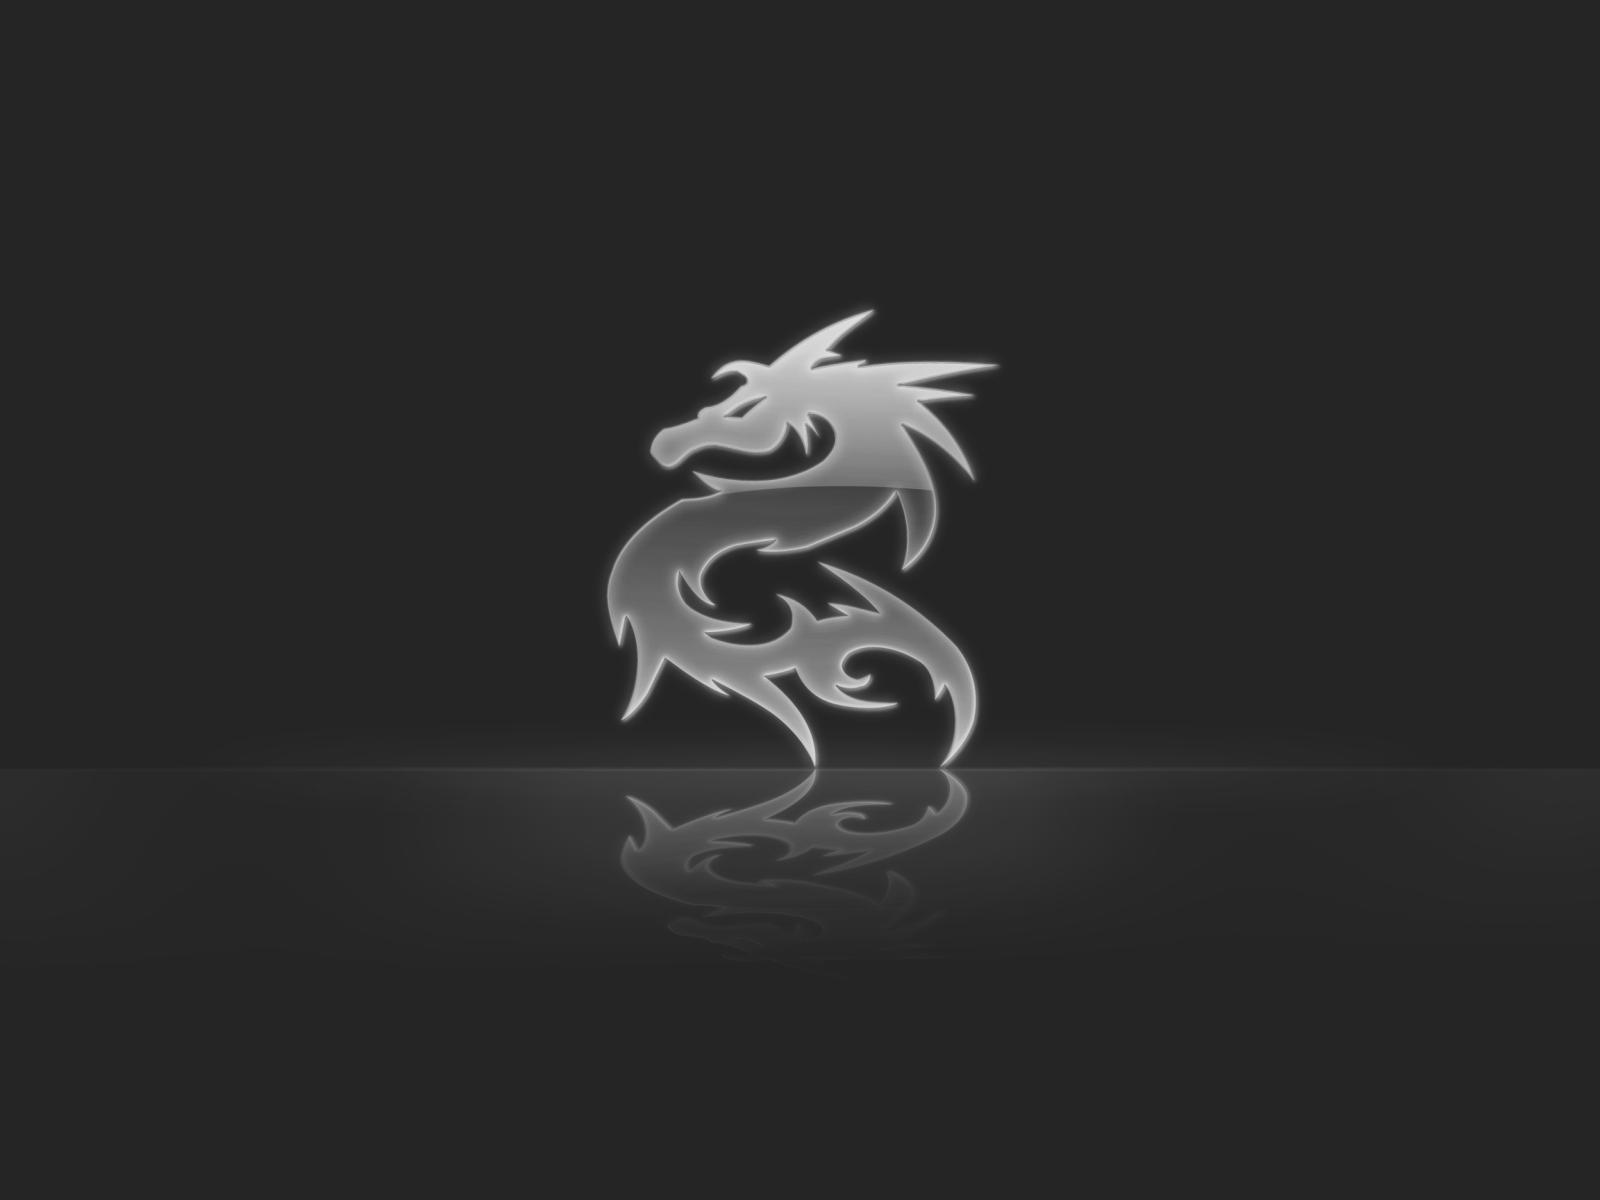 Crystal Dragon by Fatboy72